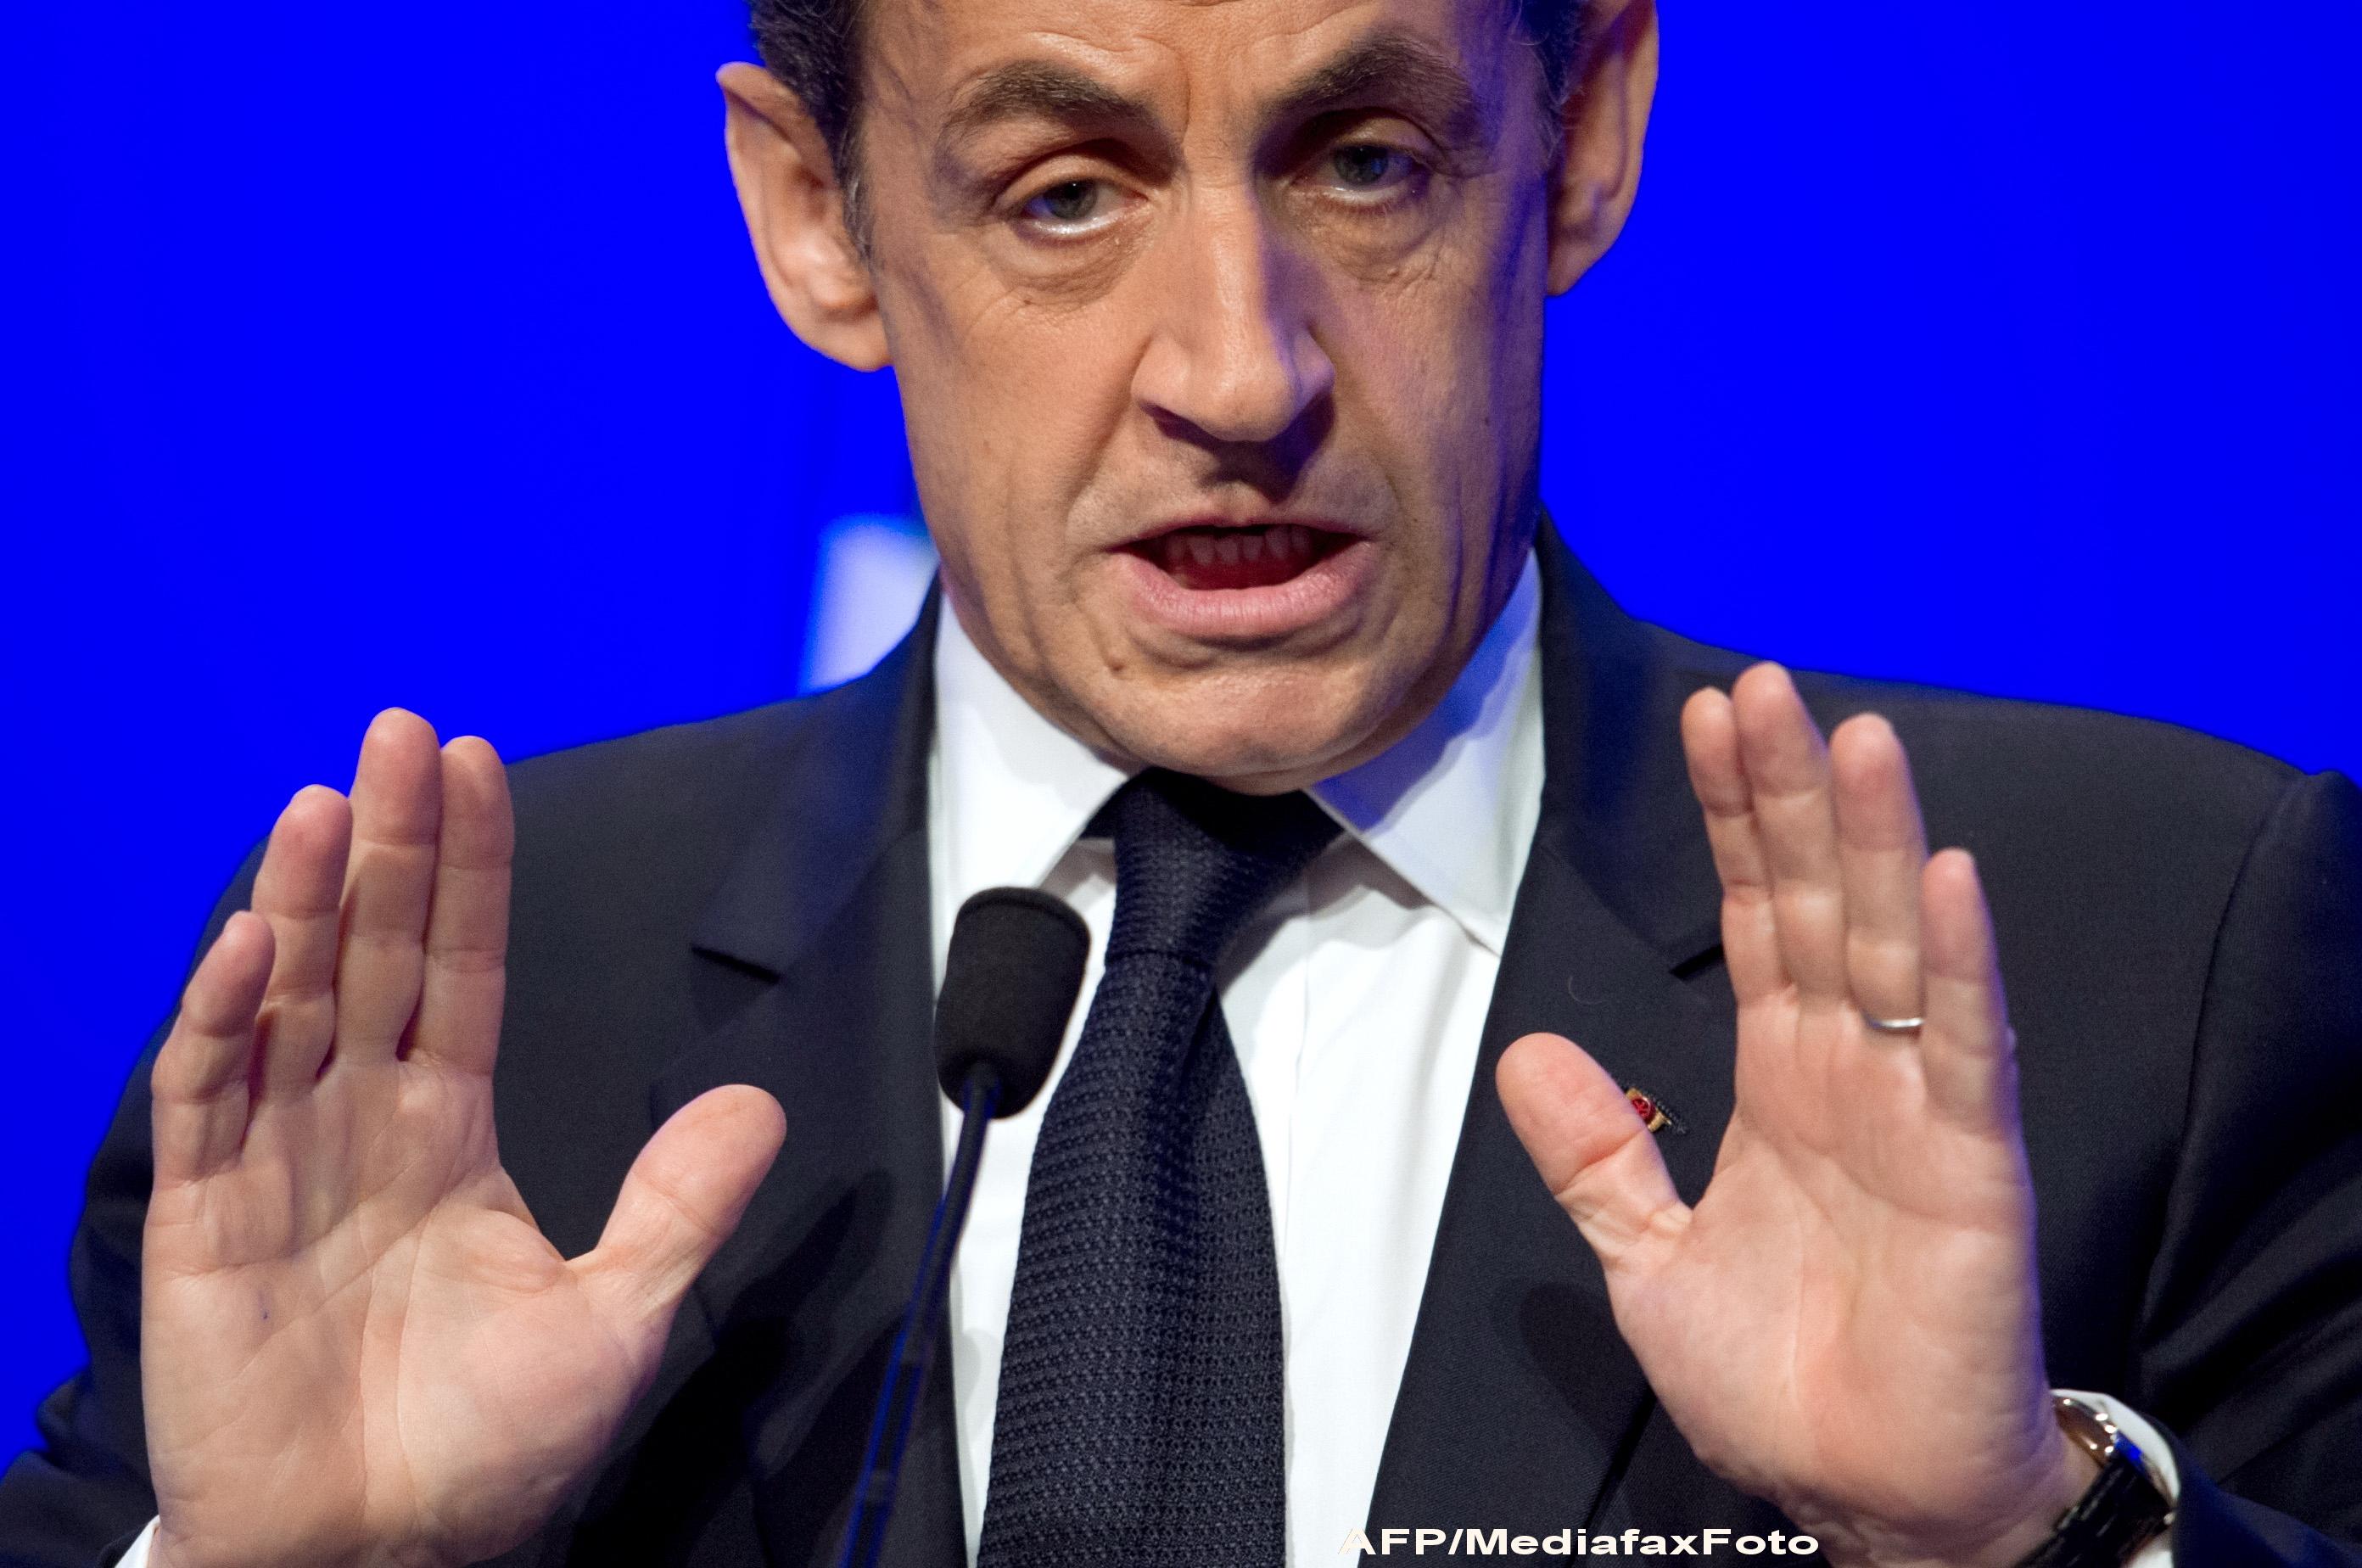 Inca o lovitura pentru Nicolas Sarkozy. Fostul lider, anchetat in mai multe dosare de coruptie